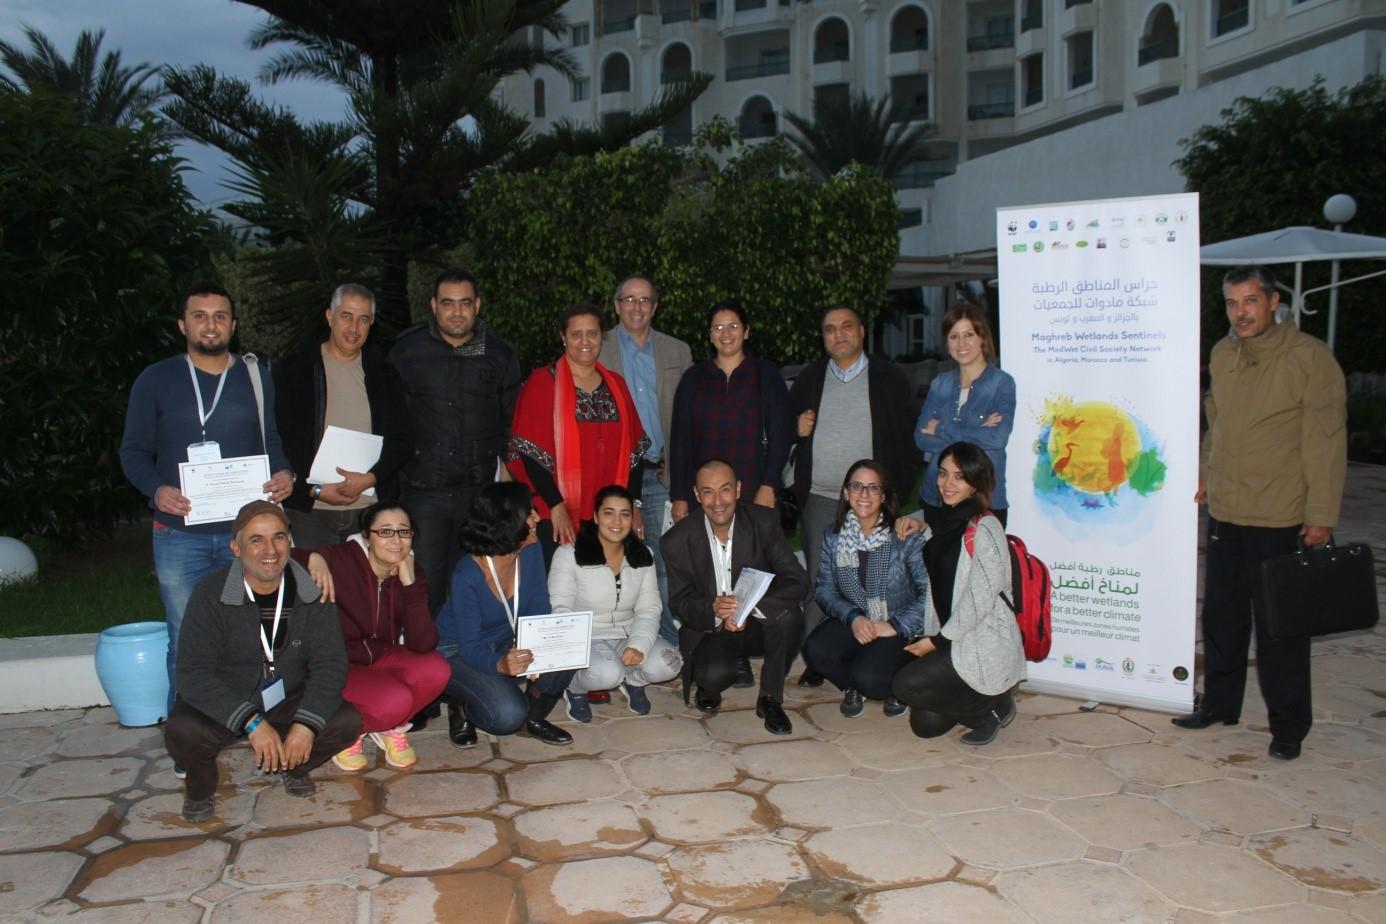 groupe-formation-tunisie-hammamet-dec-16